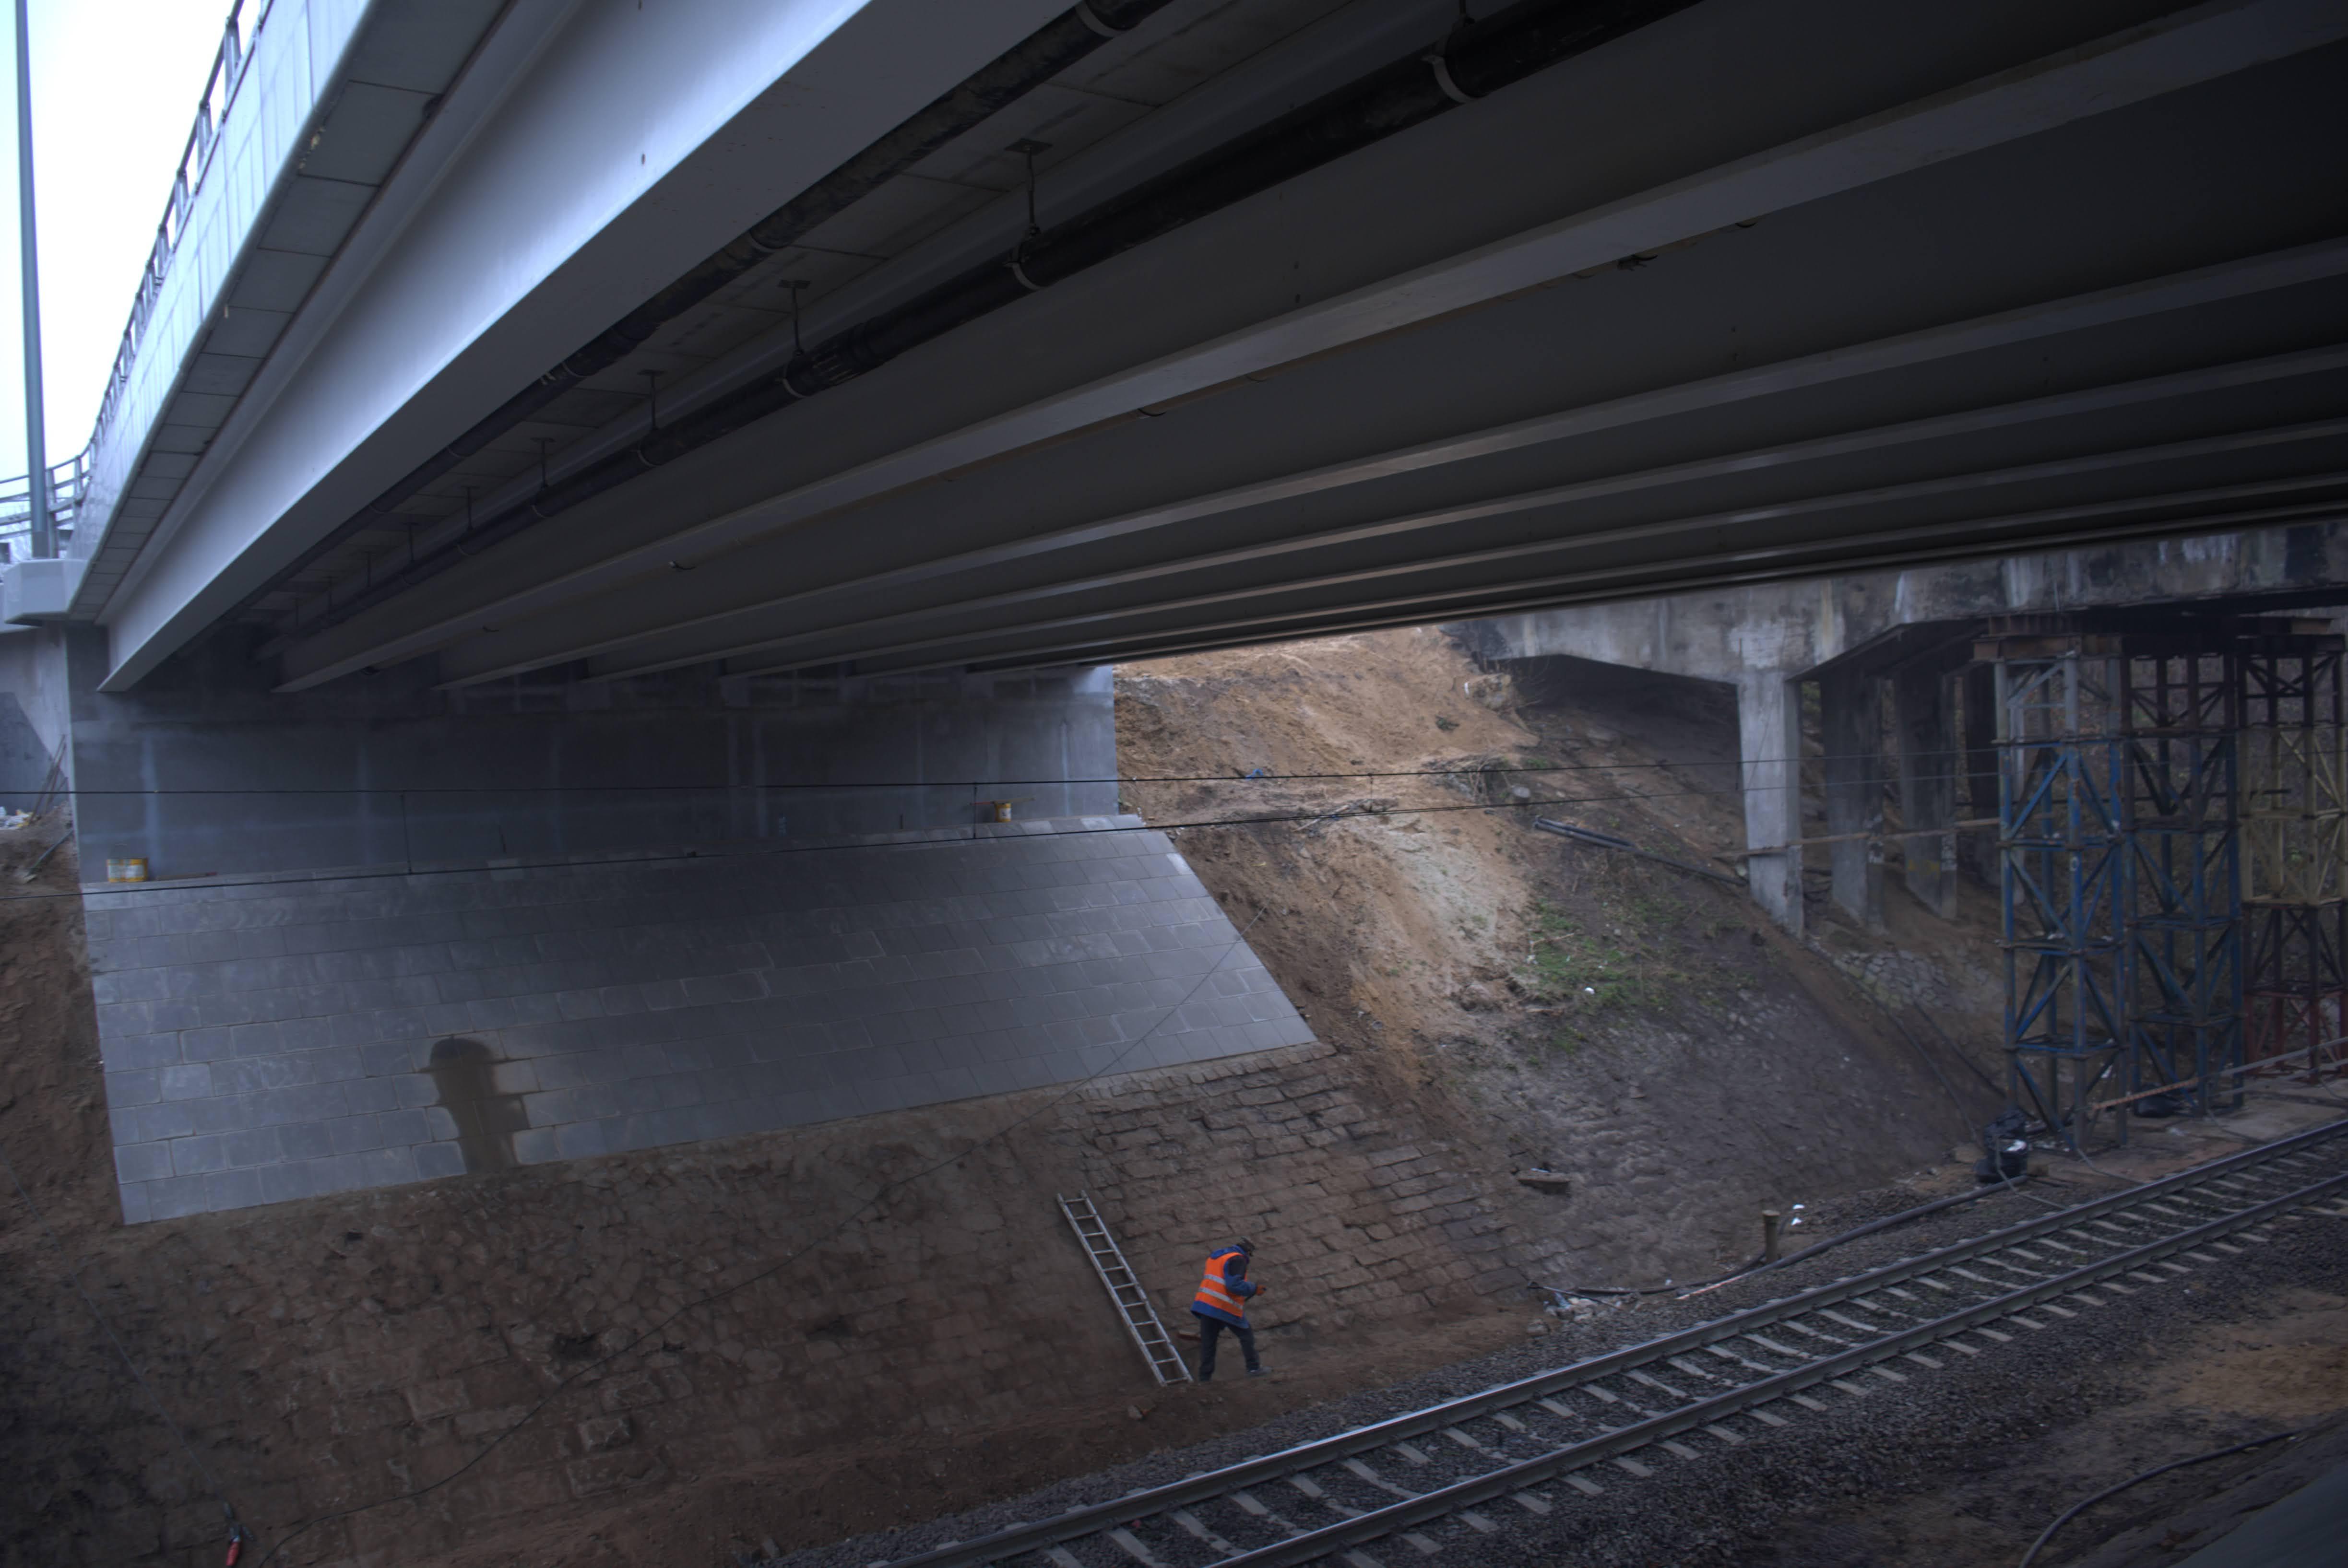 Ustrój nośny wiaduktu z dwuteowników HEB800 (źródło: Jarosław Czerwiński).